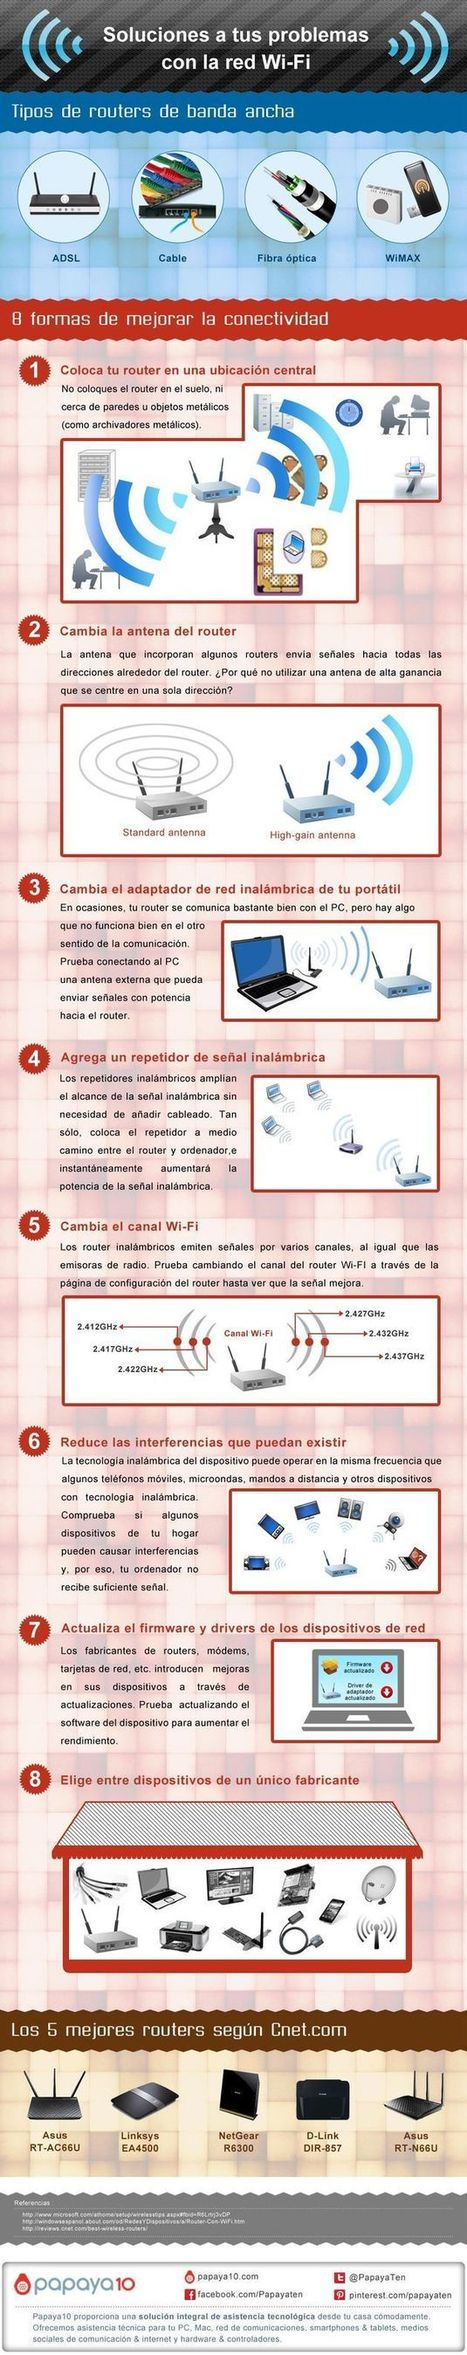 8 Consejos para mejorar la conexión WiFi | Las TIC y la Educación | Scoop.it